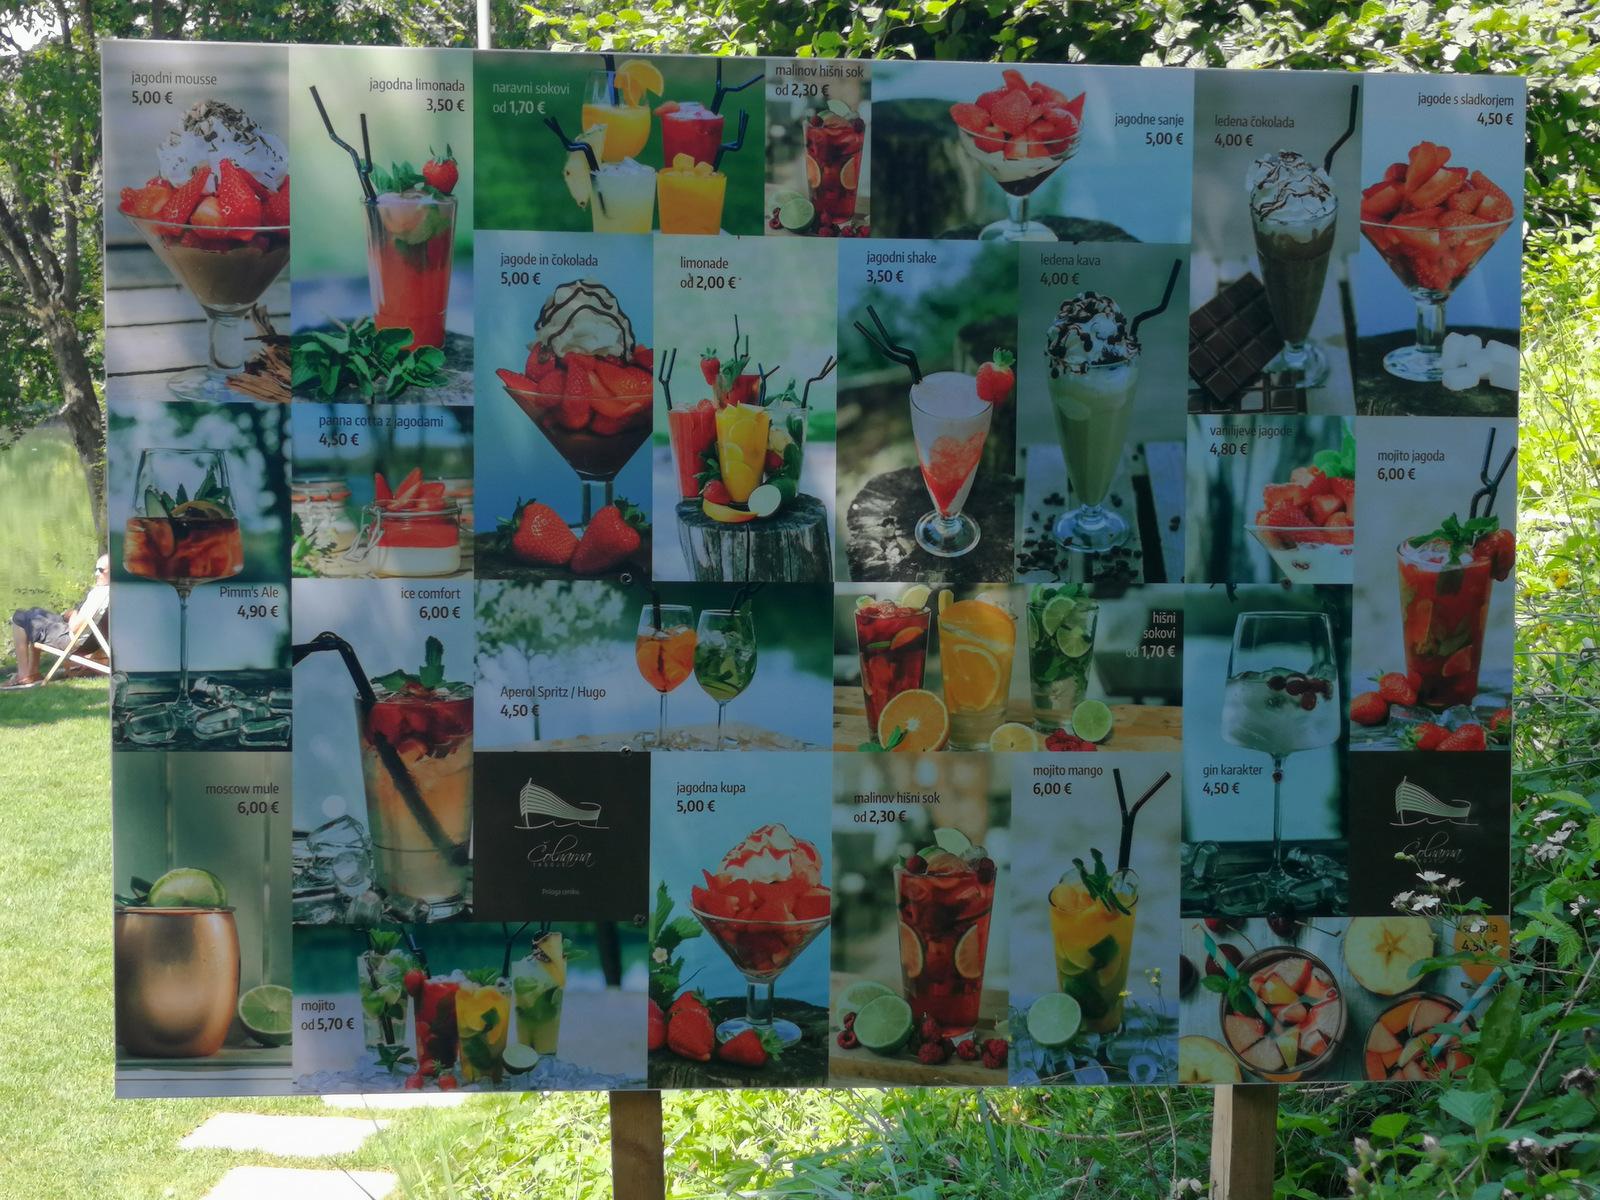 Trbojsko jezero, velik izbor jagodnih sladic in napitkov